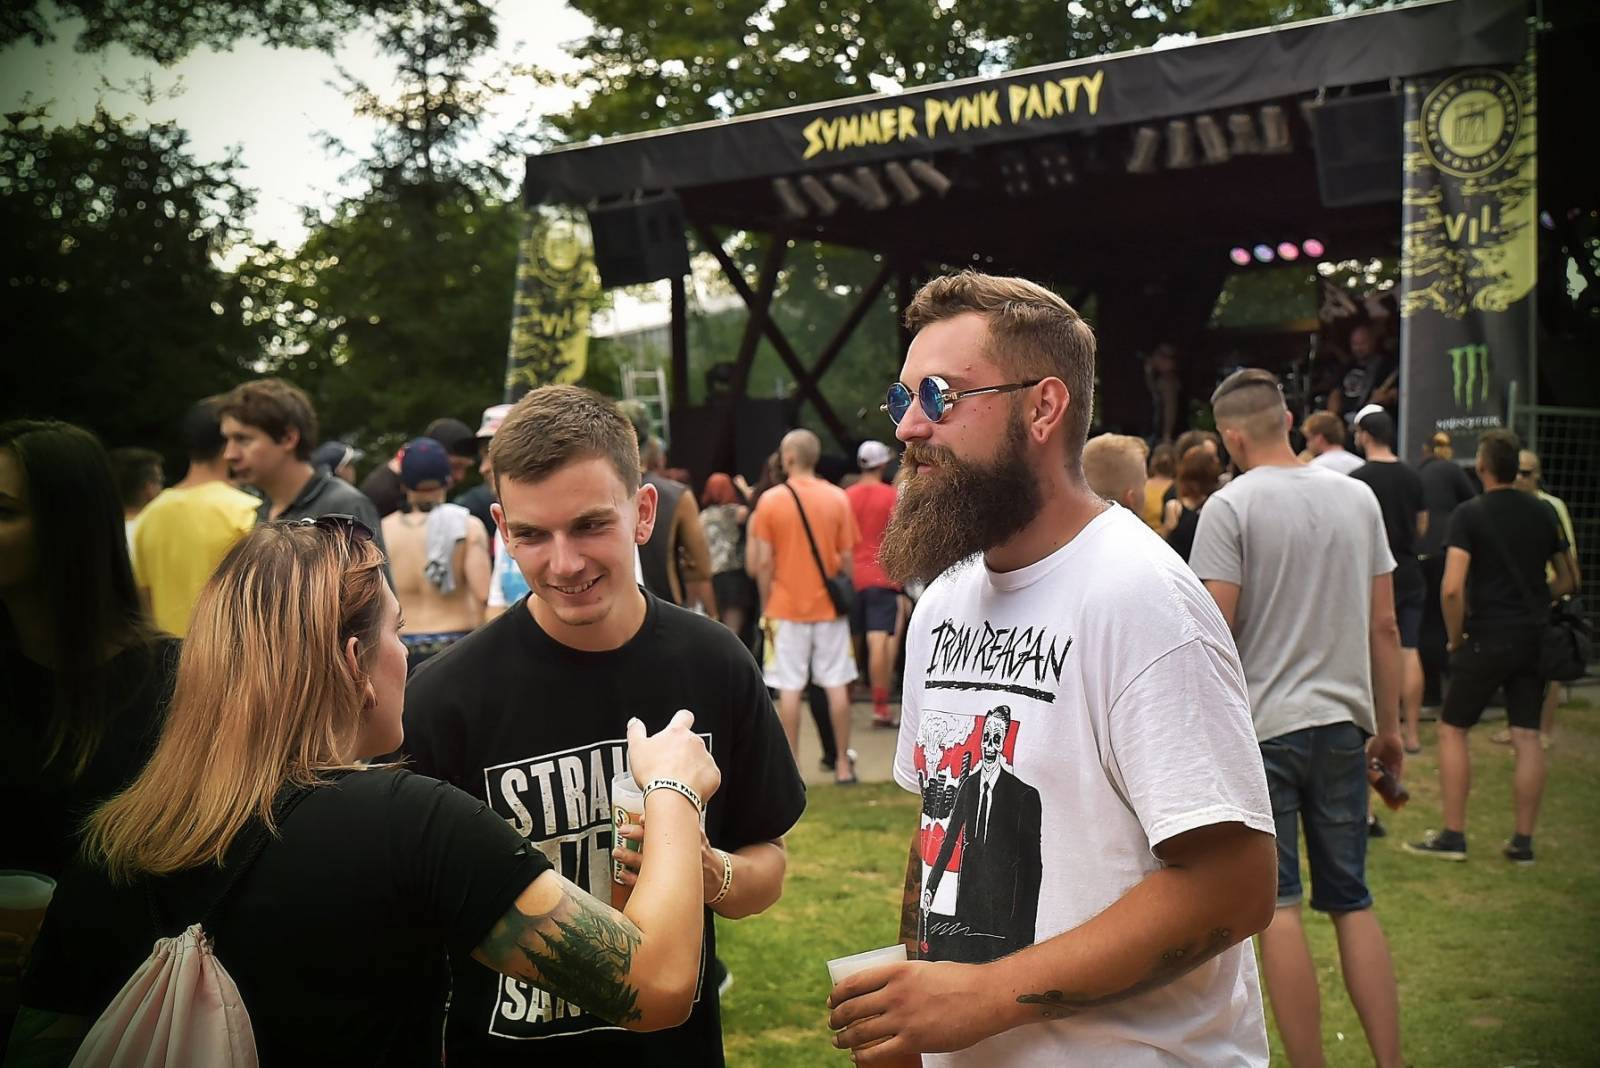 ROZHOVOR | Přinášíme naději, že vše není tak zlé, říká pořadatel festivalu Metronome Prague, Praha Září a dalších